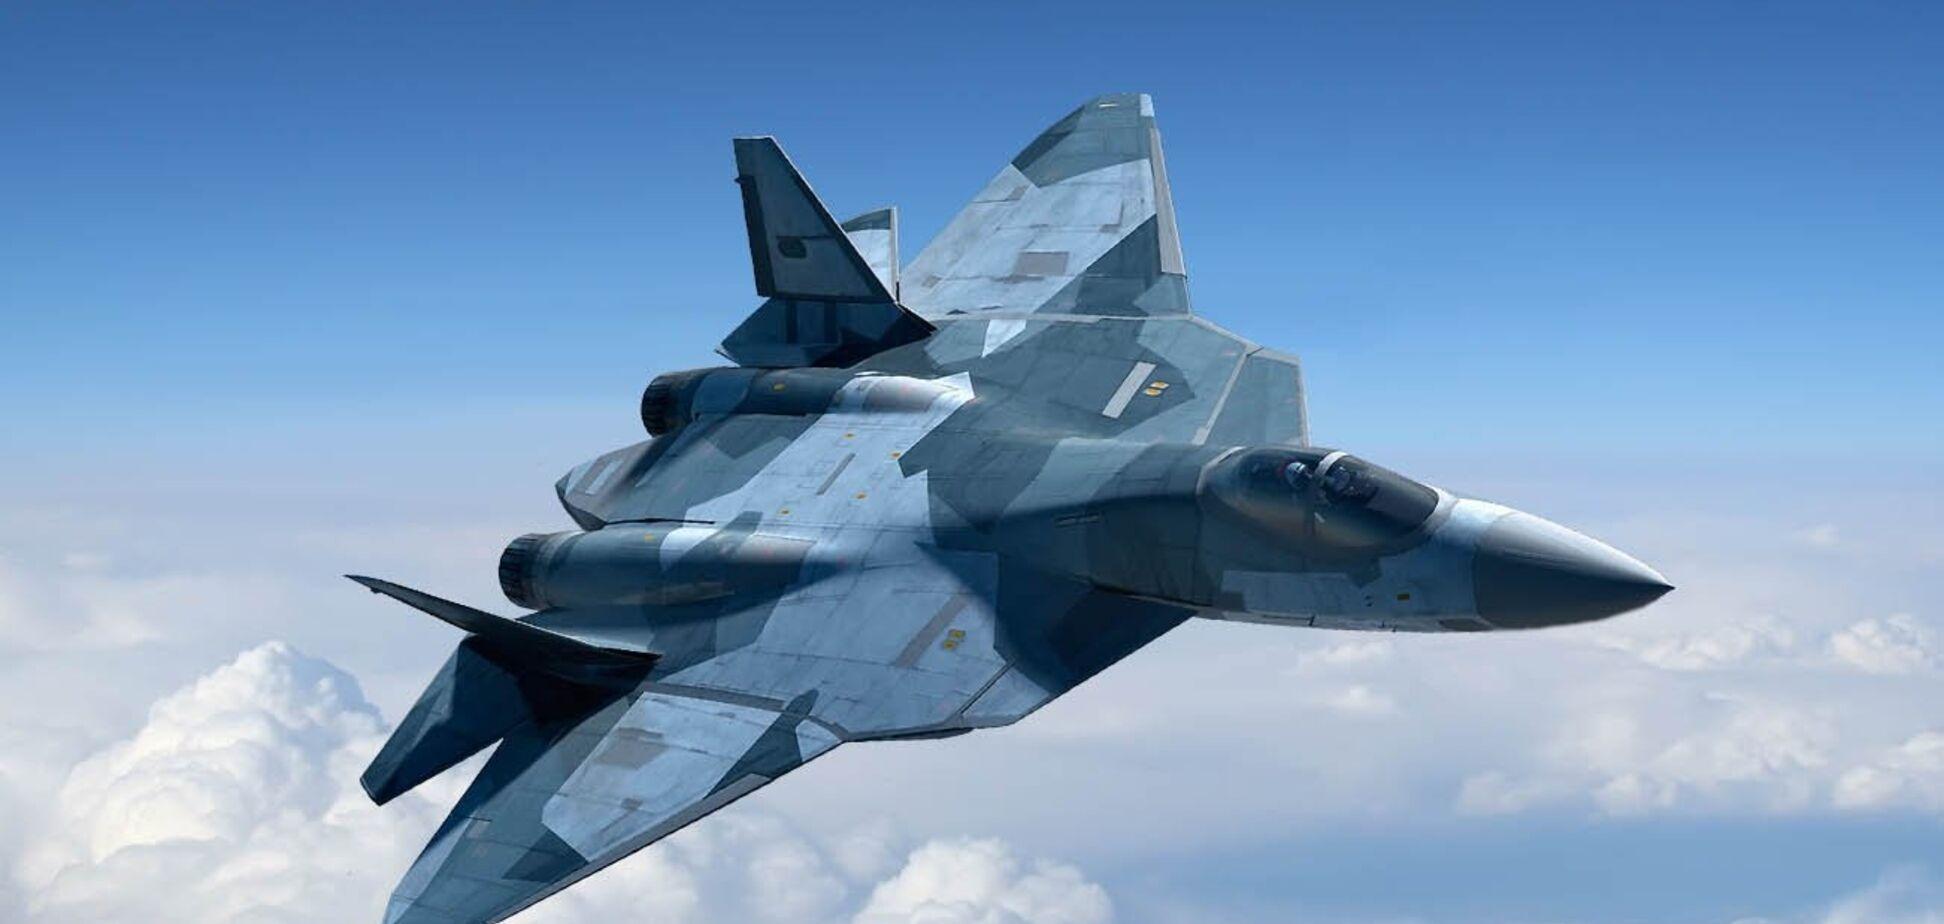 'Літак може злетіти з-під Москви': Бутусов оцінив небезпеку наступу РФ